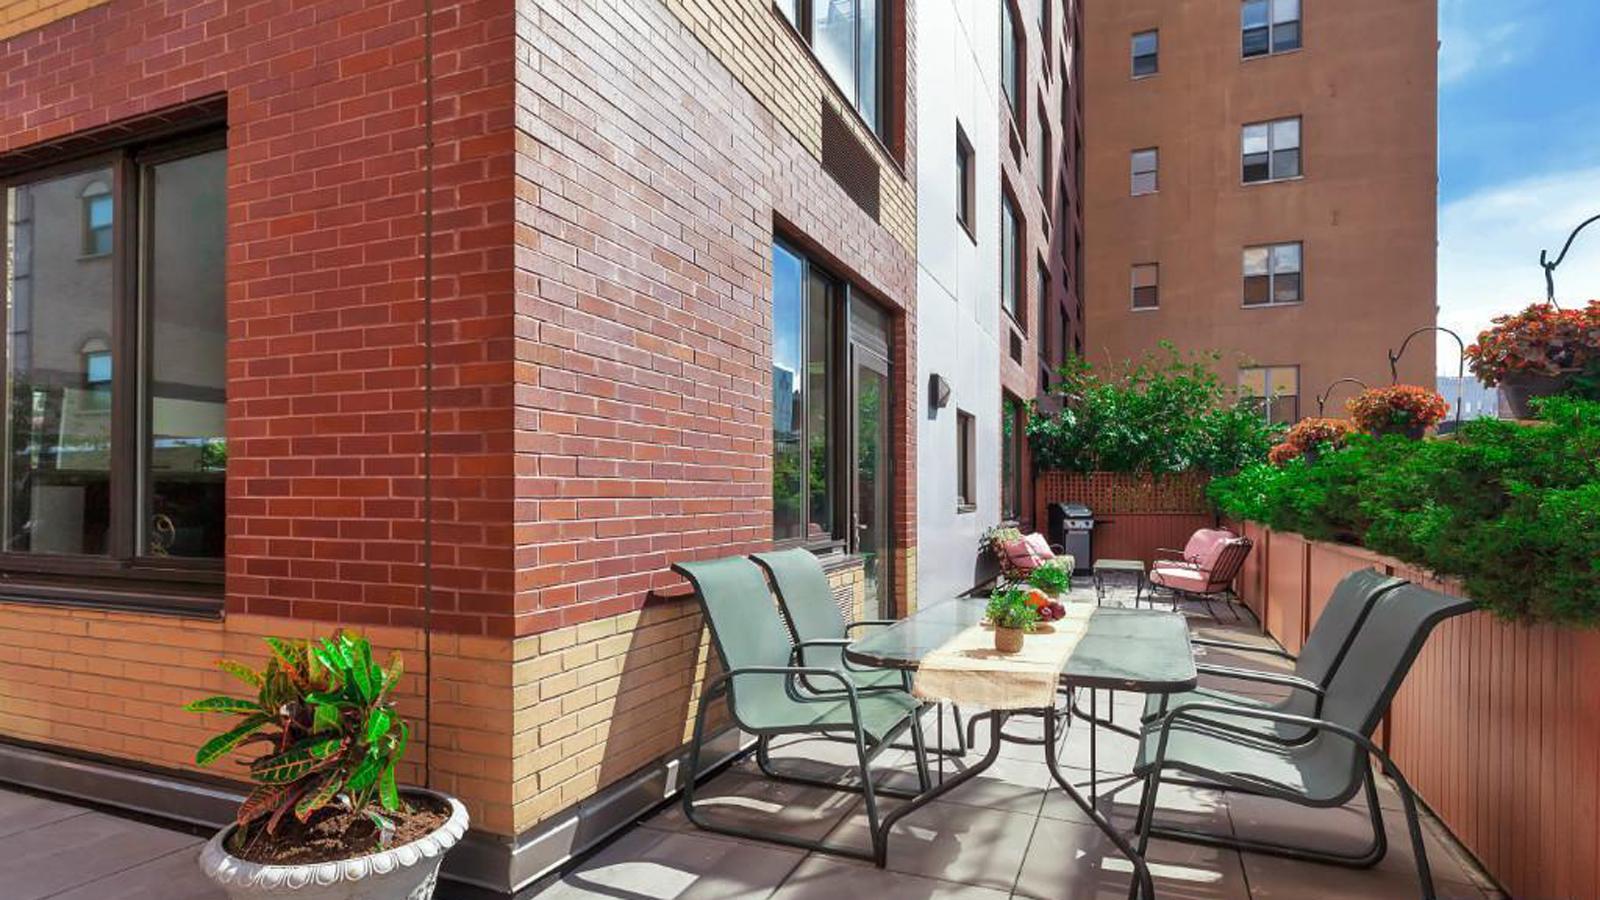 Nolita Place 199 Bowery Nyc Condo Apartments Cityrealty